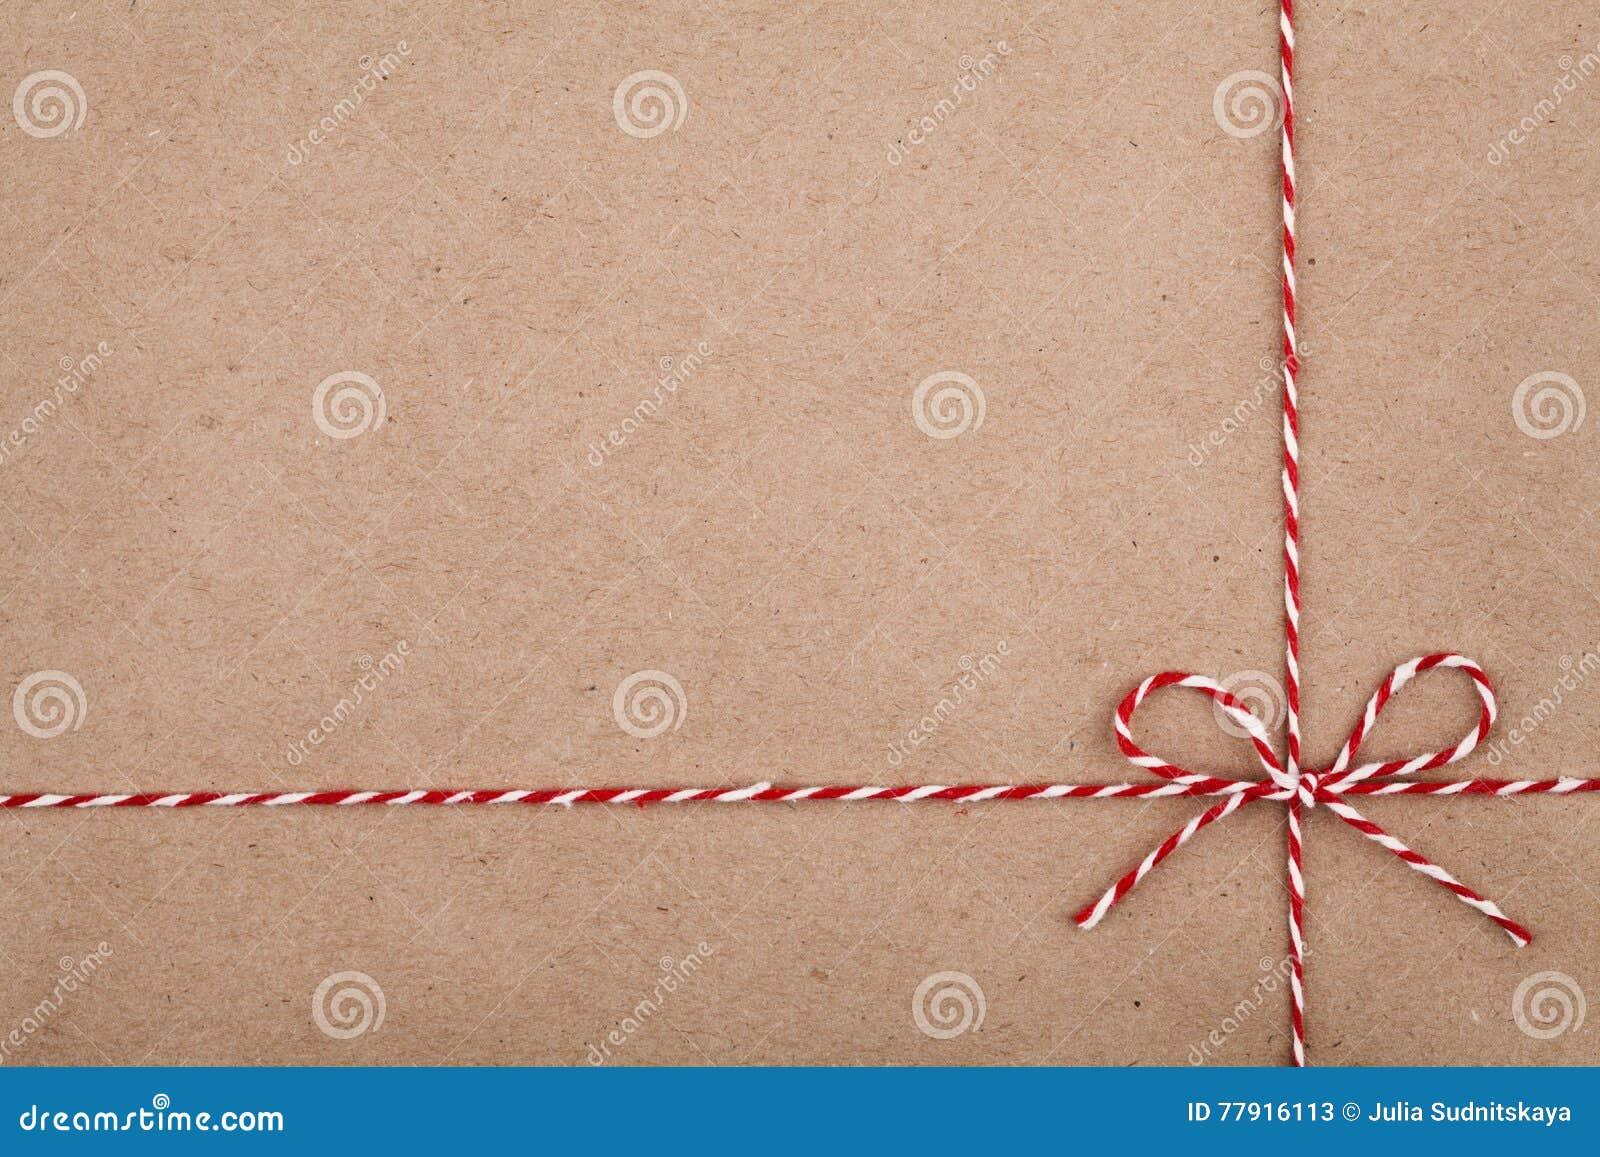 De het Kerstmiskoord of streng bond een boog op kraftpapier-document achtergrond vast